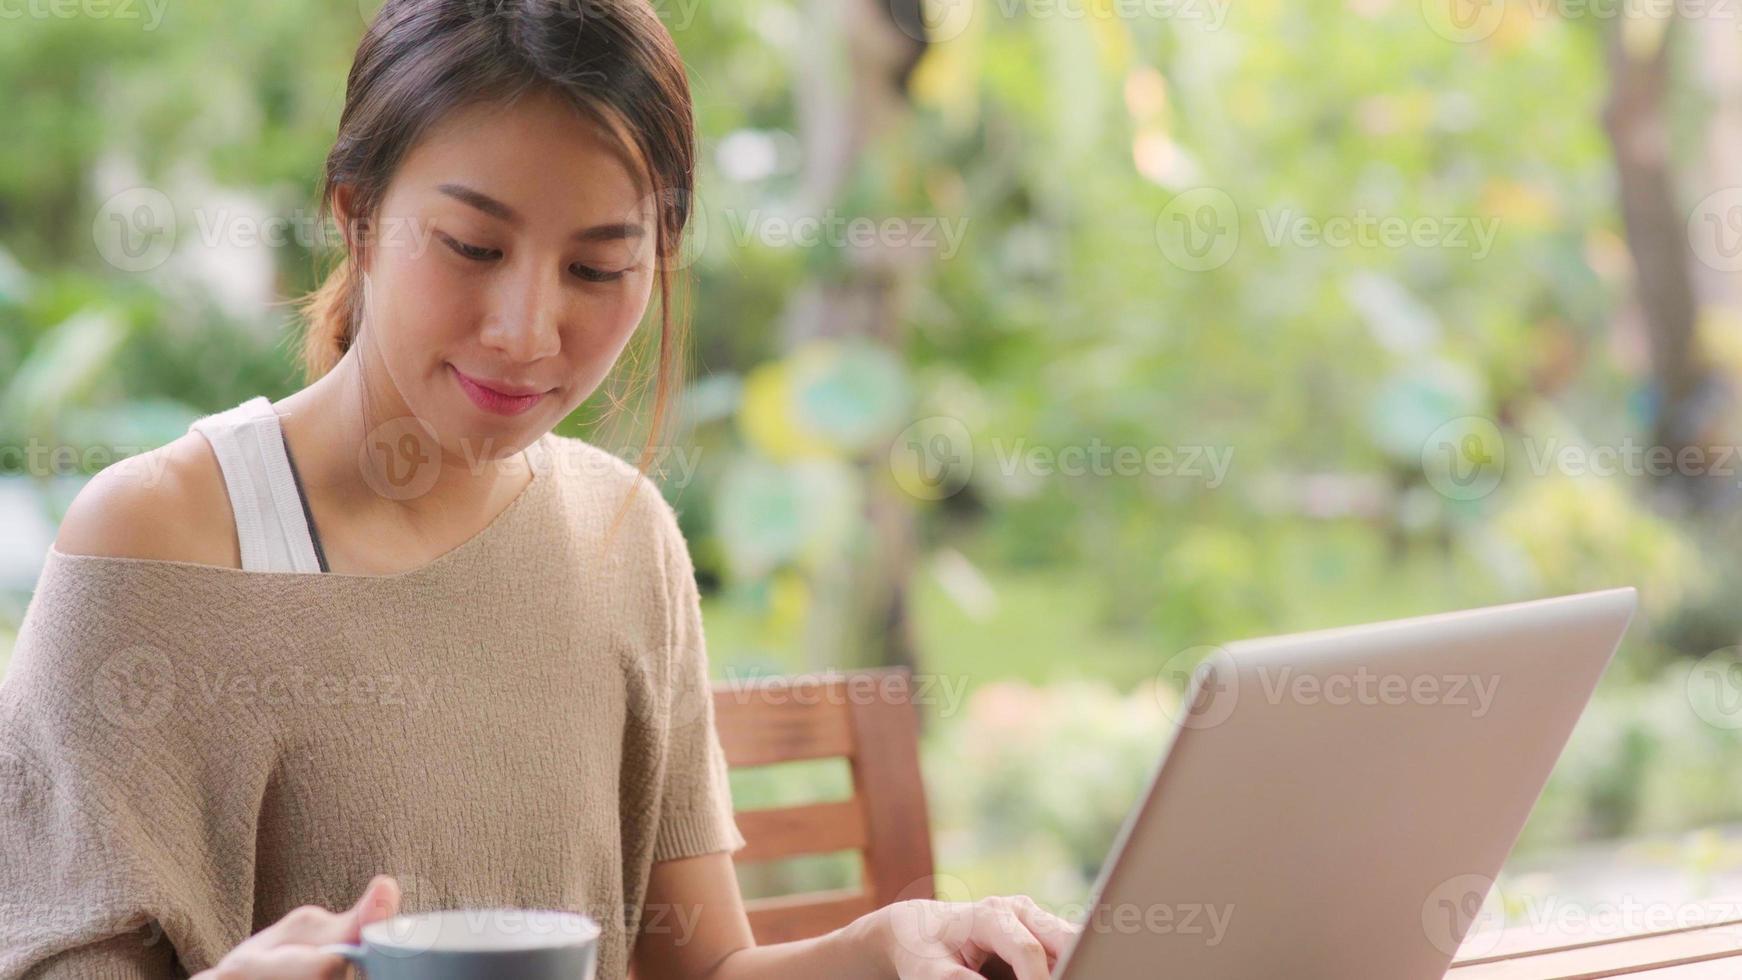 donna asiatica freelance che lavora a casa, donna d'affari che lavora al computer portatile e beve caffè seduta sul tavolo in giardino al mattino. donne di stile di vita che lavorano a casa concetto. foto